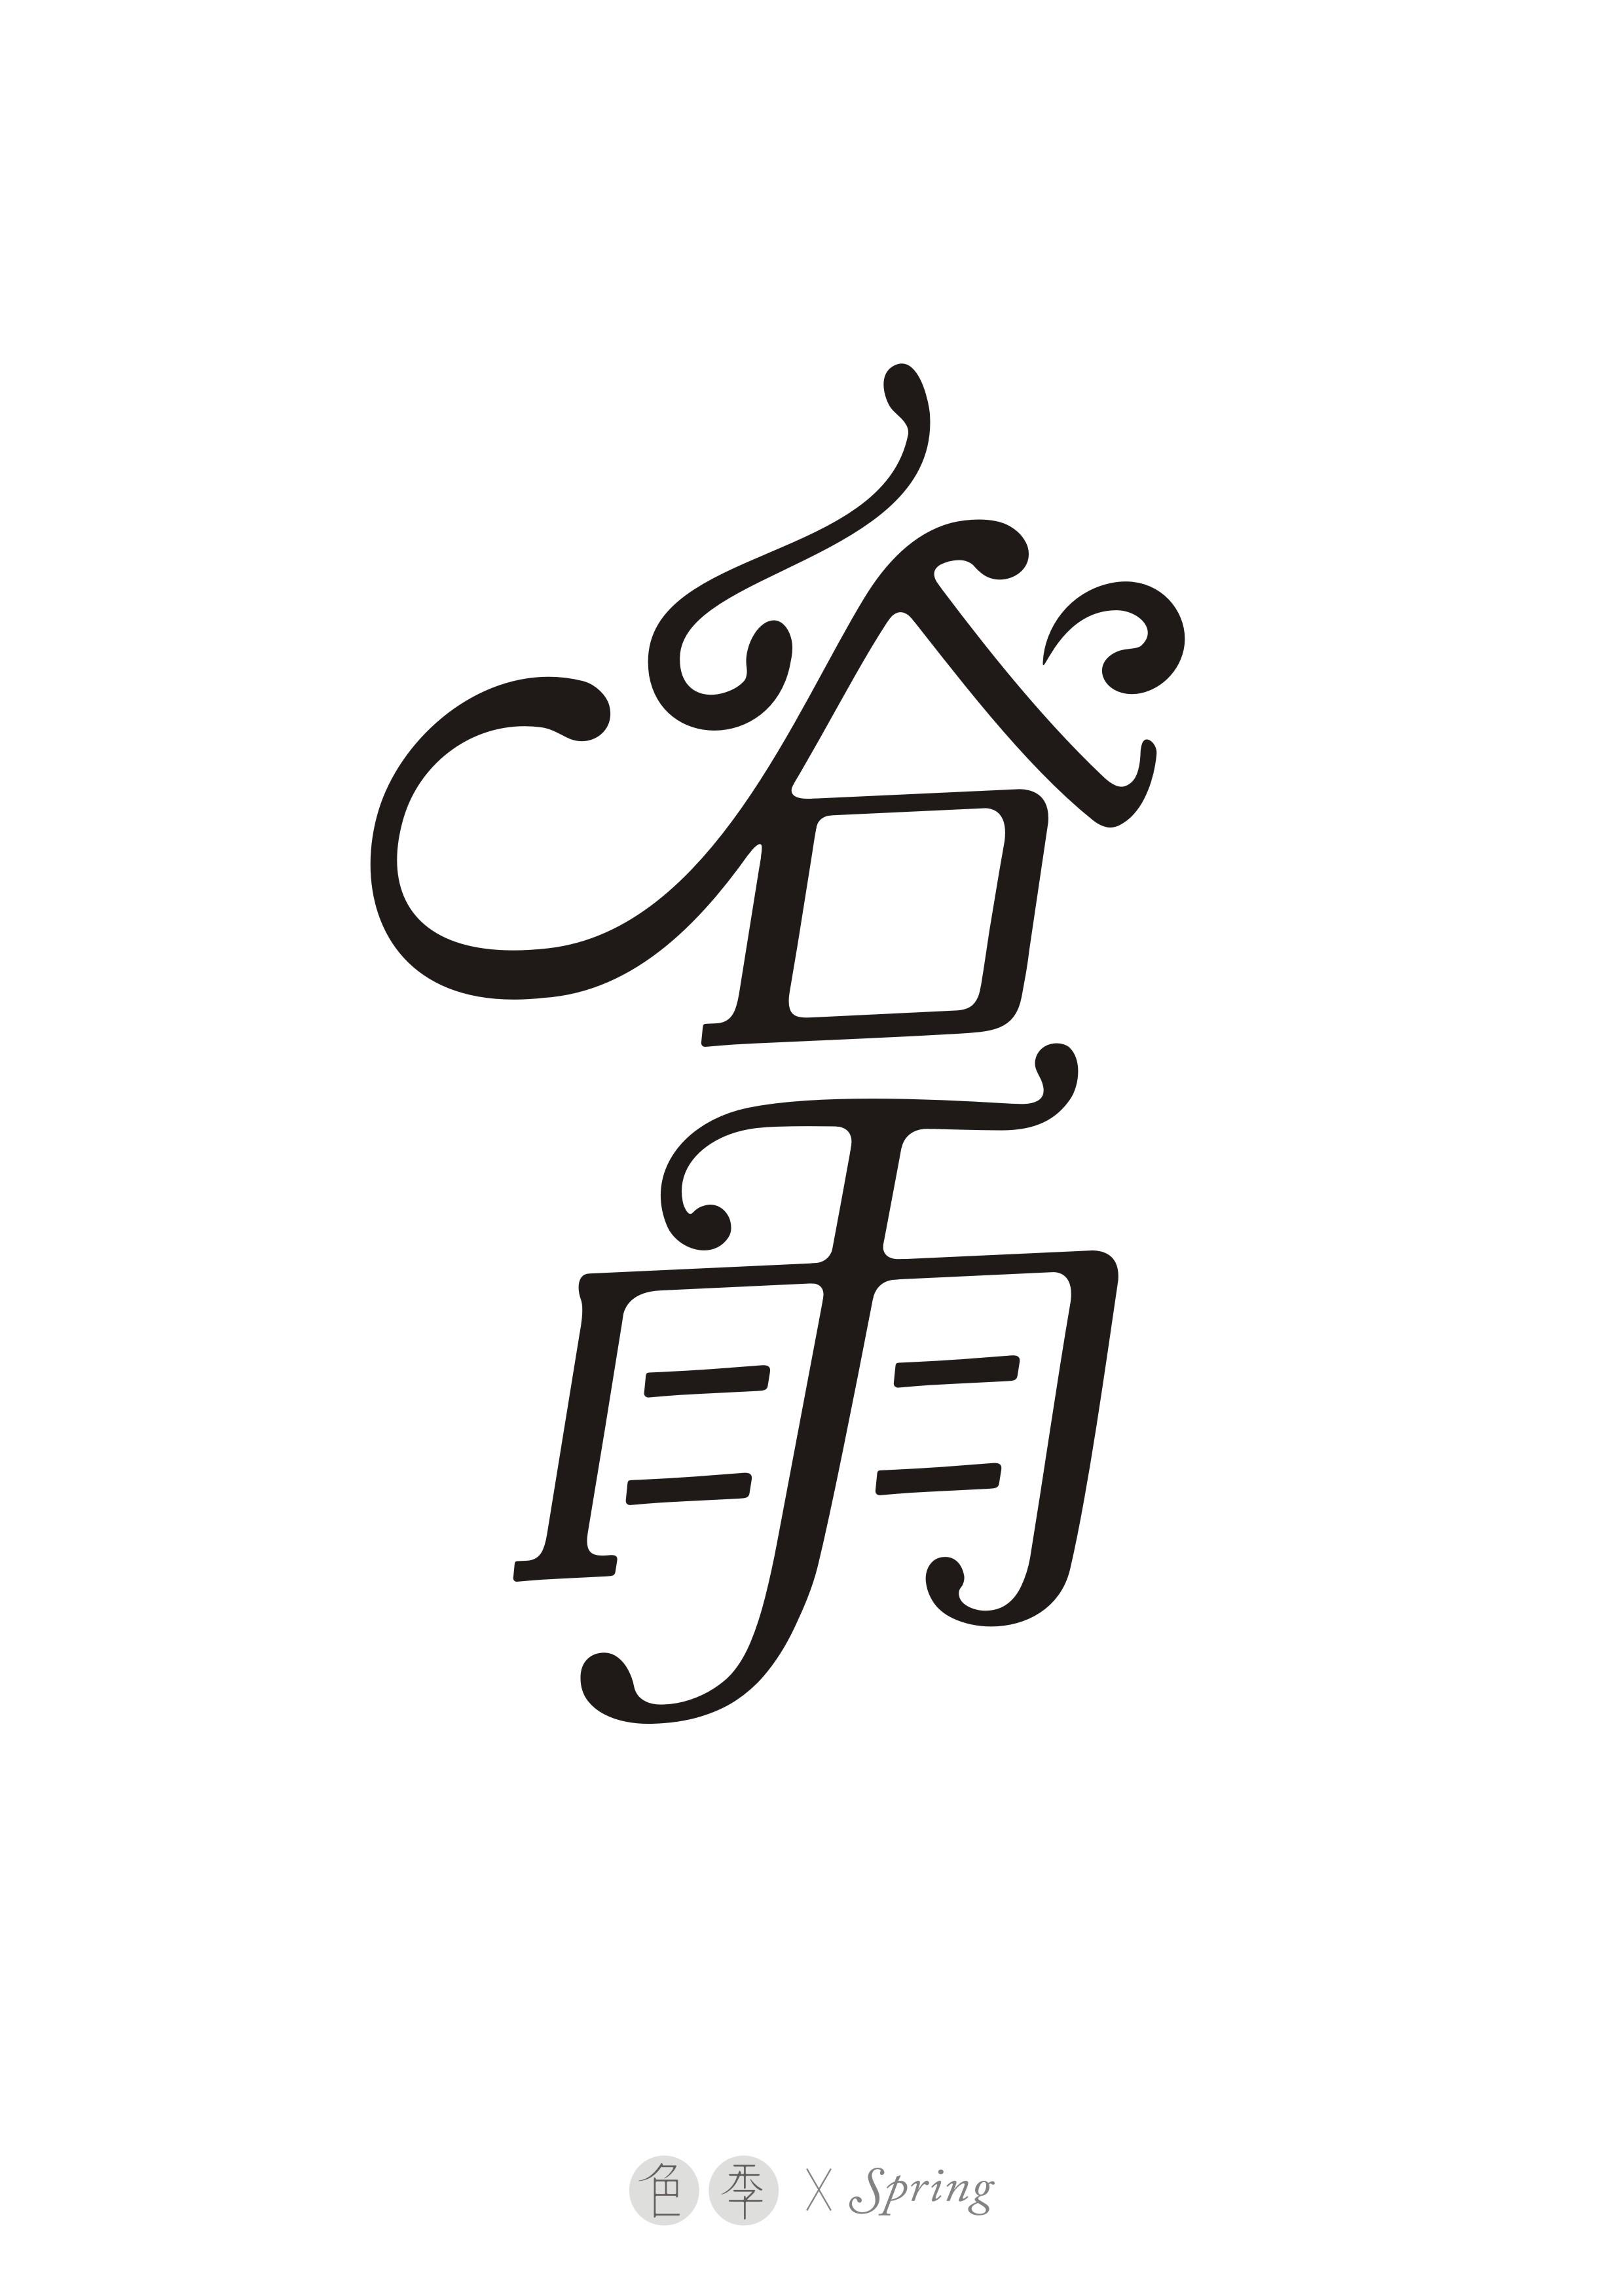 英文花体笔画与汉字结合尝试 二十四节气字体设计